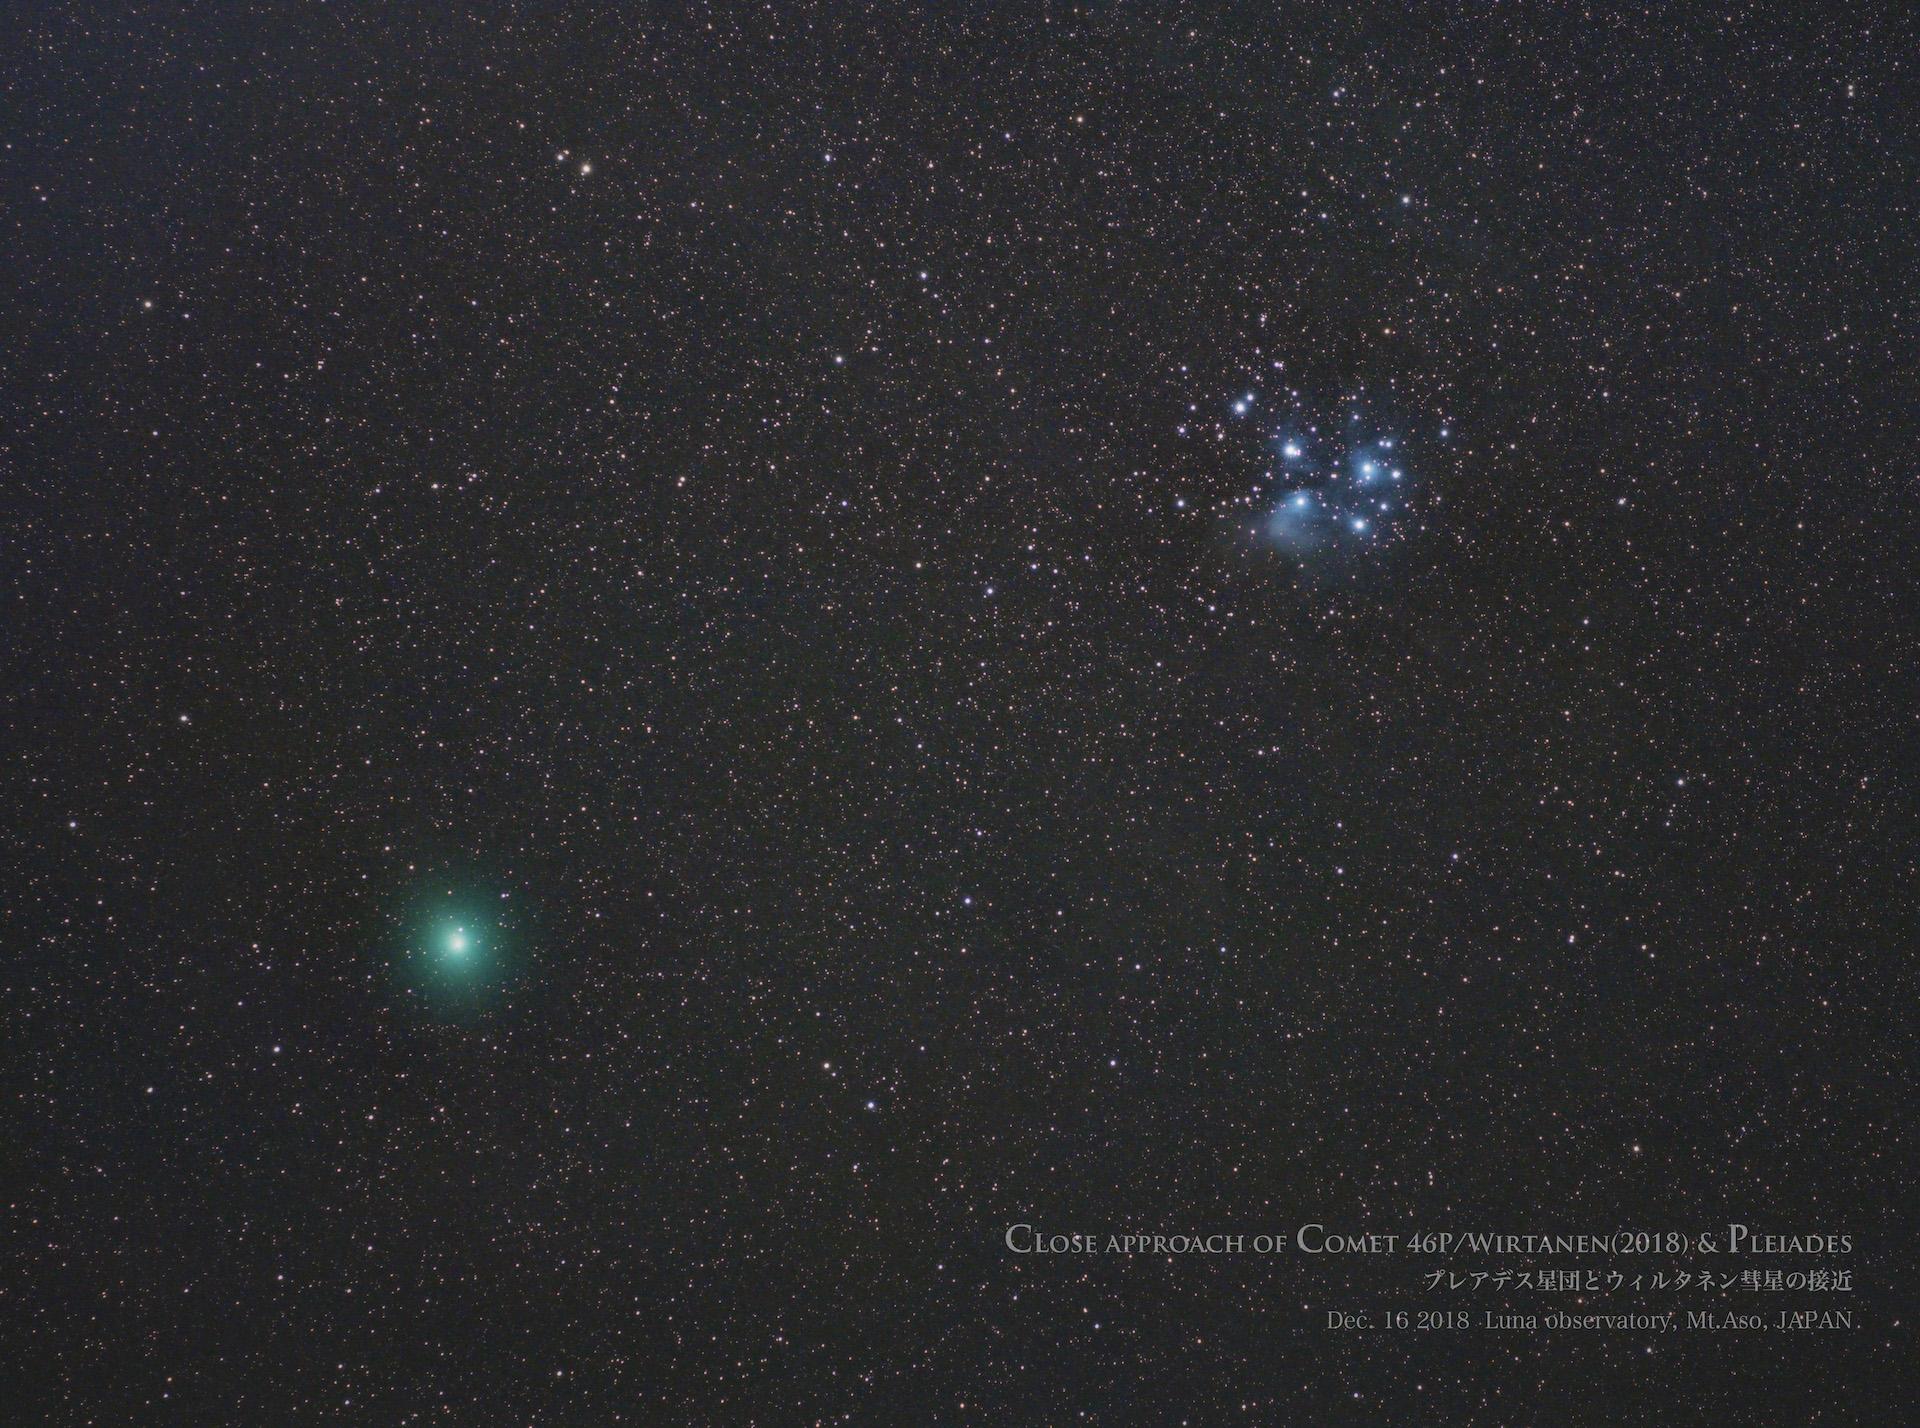 ウィルタネン彗星と「すばる」の接近(12/16)